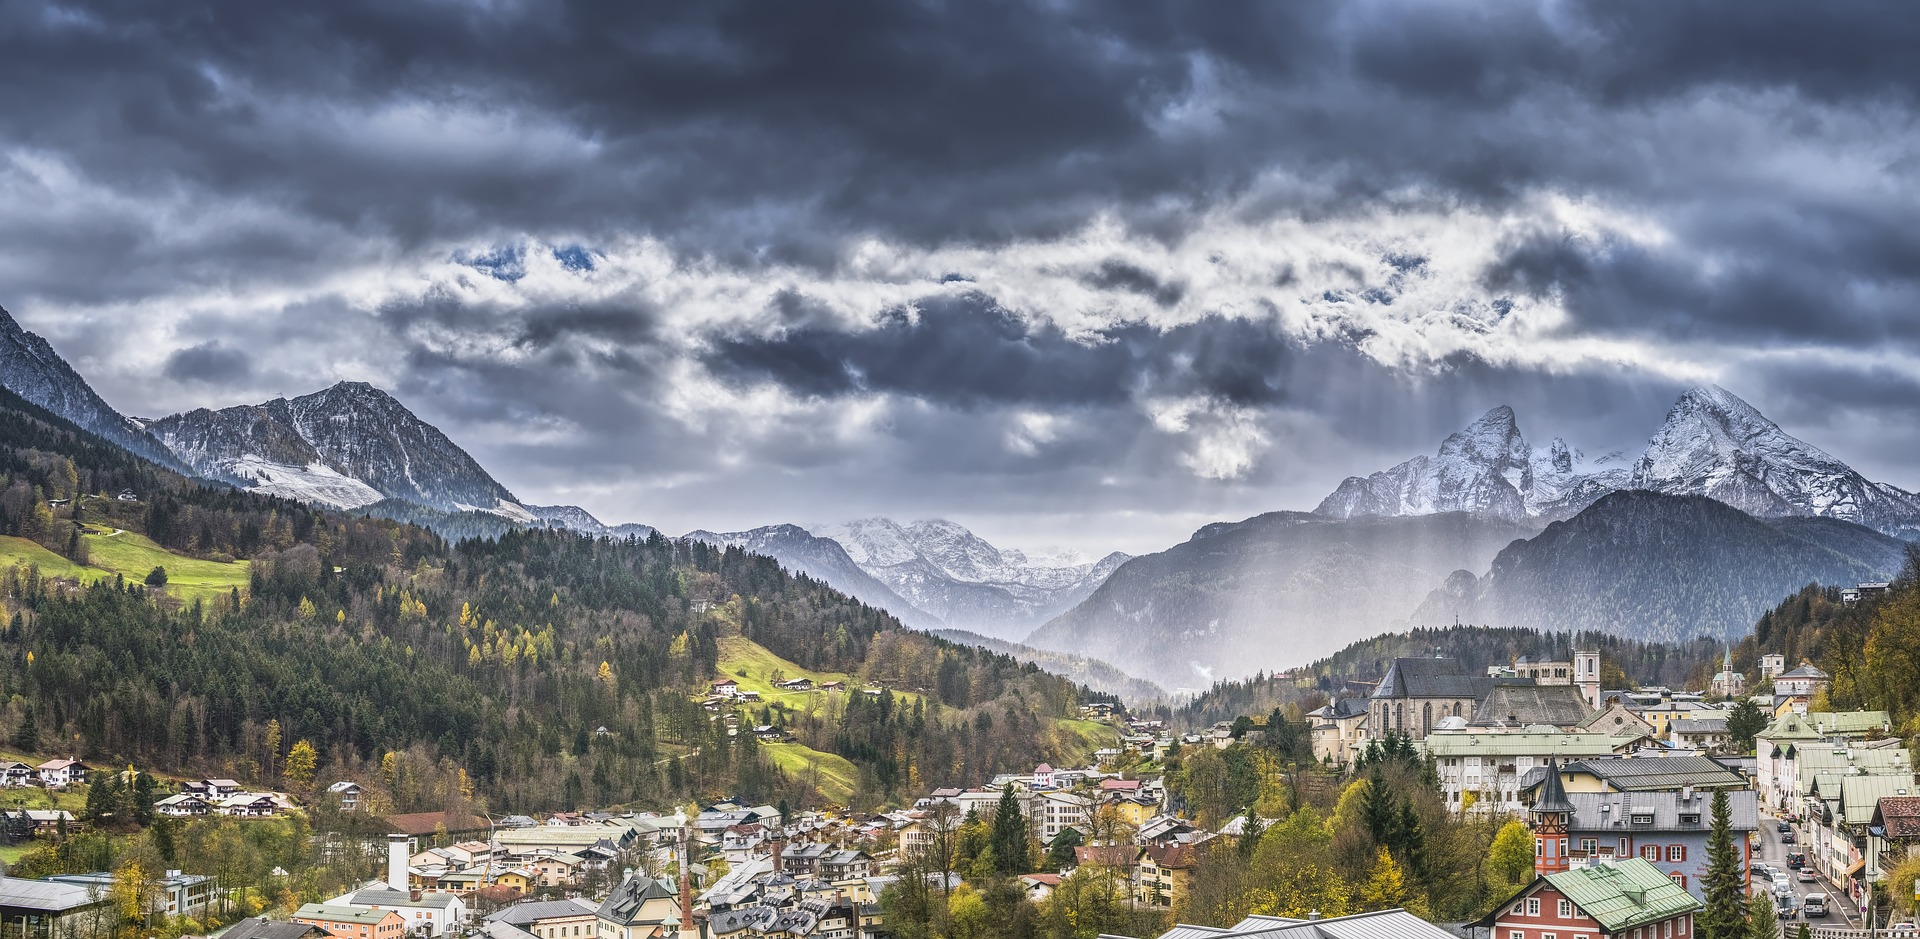 berchtesgaden-2928711_1920